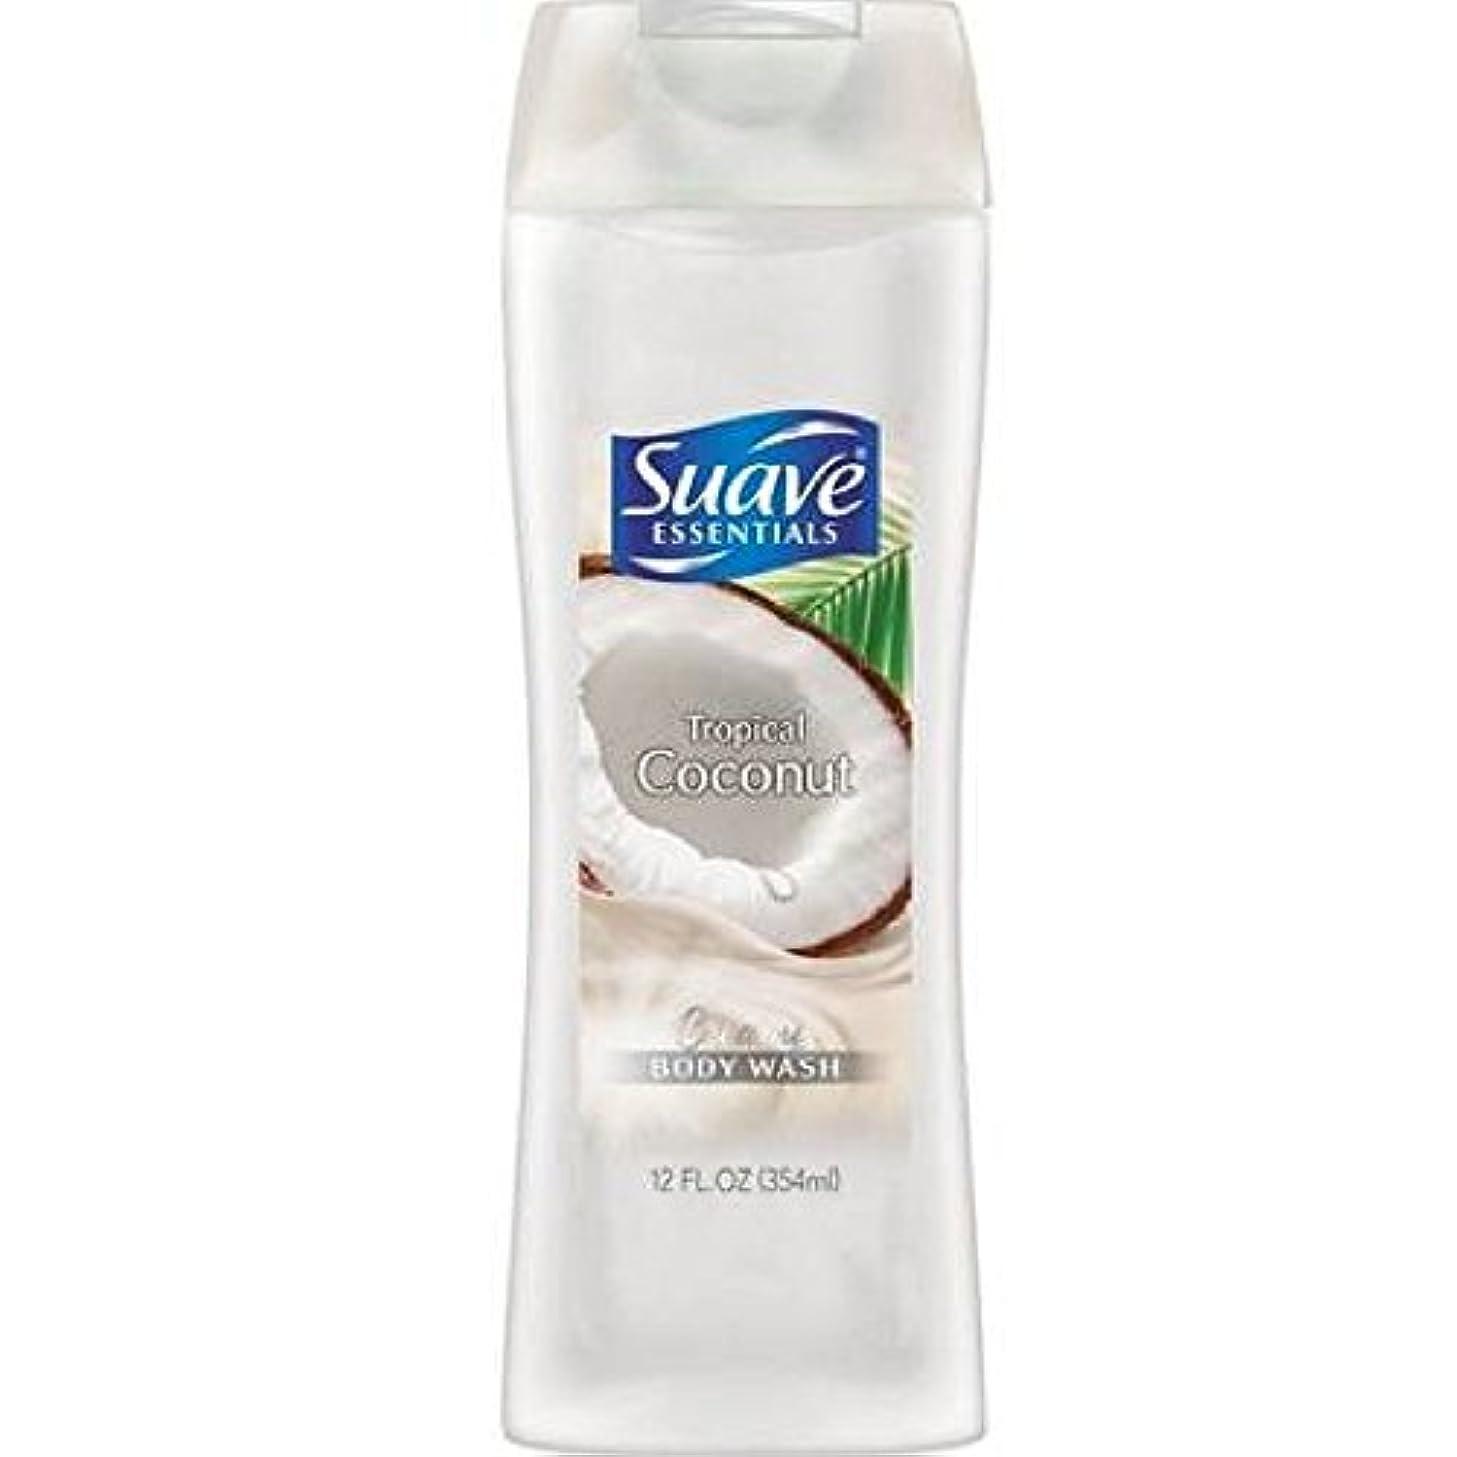 バーマド影一生Suave Naturals Body Wash - Tropical Coconut - 12 oz - 2 pk by Suave [並行輸入品]